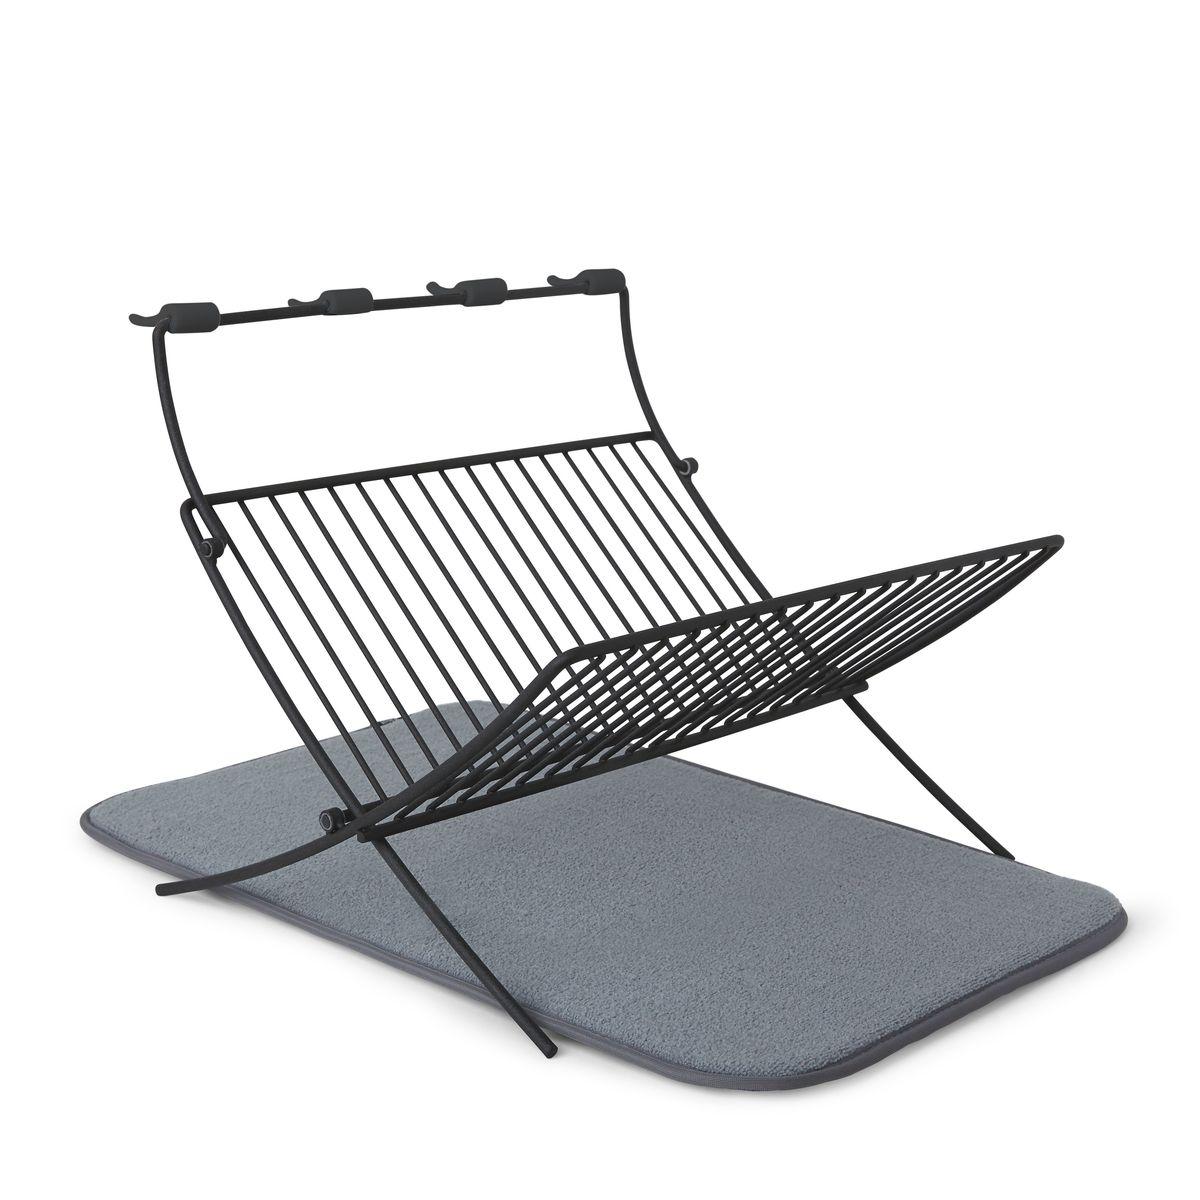 Egouttoir à vaisselle noir avec tapis de séchage en microfibre - Umbra